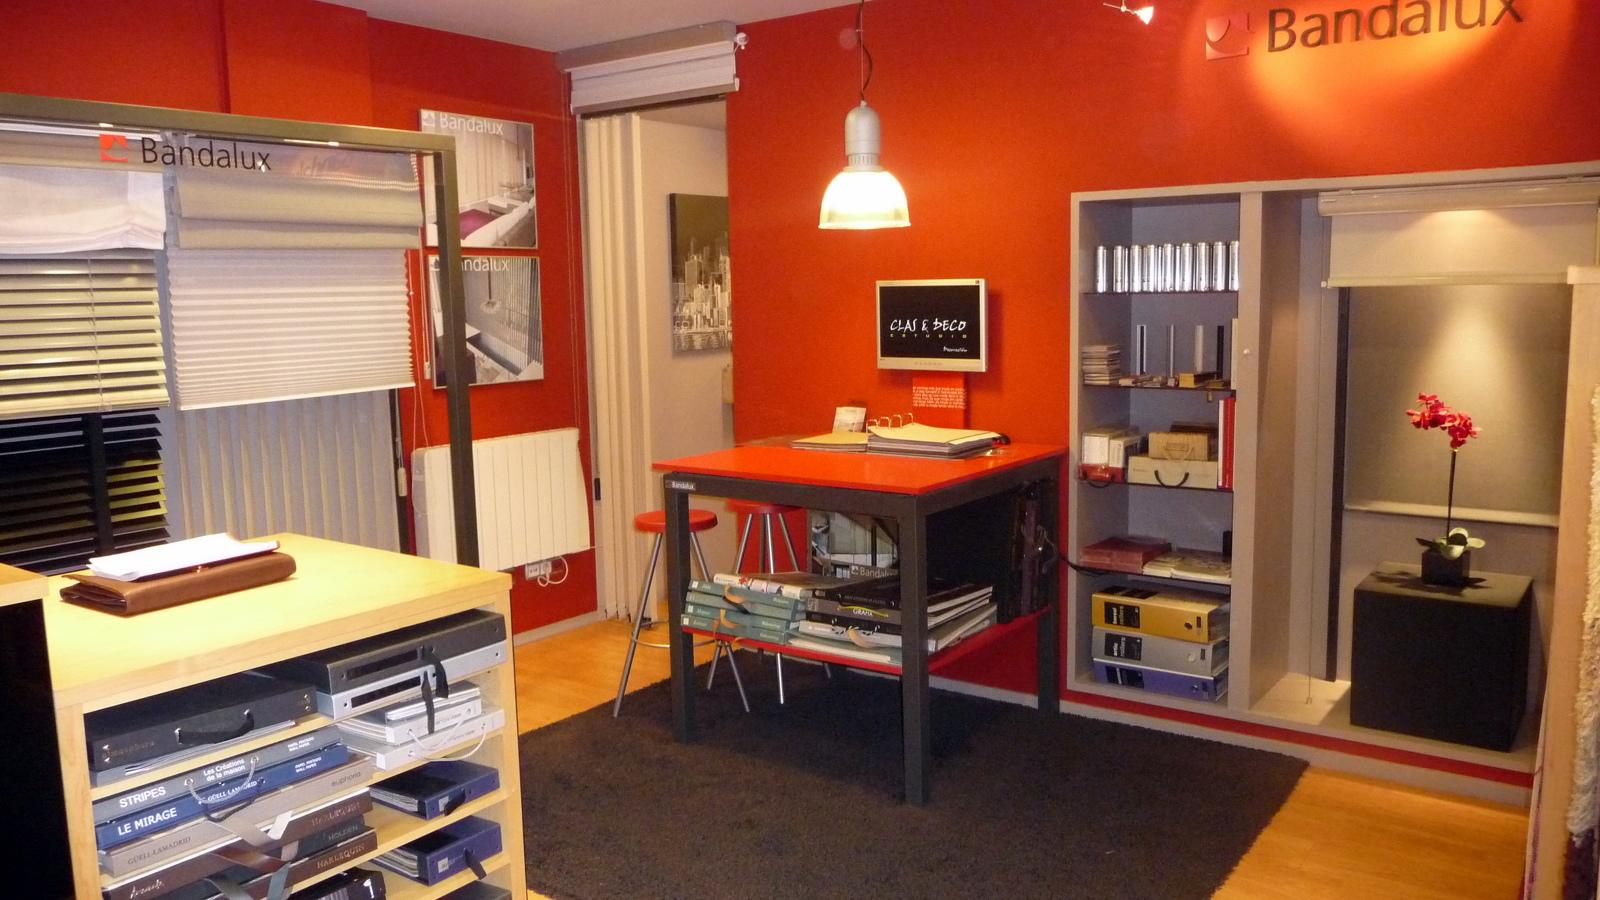 Foto espacio bandalux de clas y deco estudio 220520 - Deco hogar ourense ...